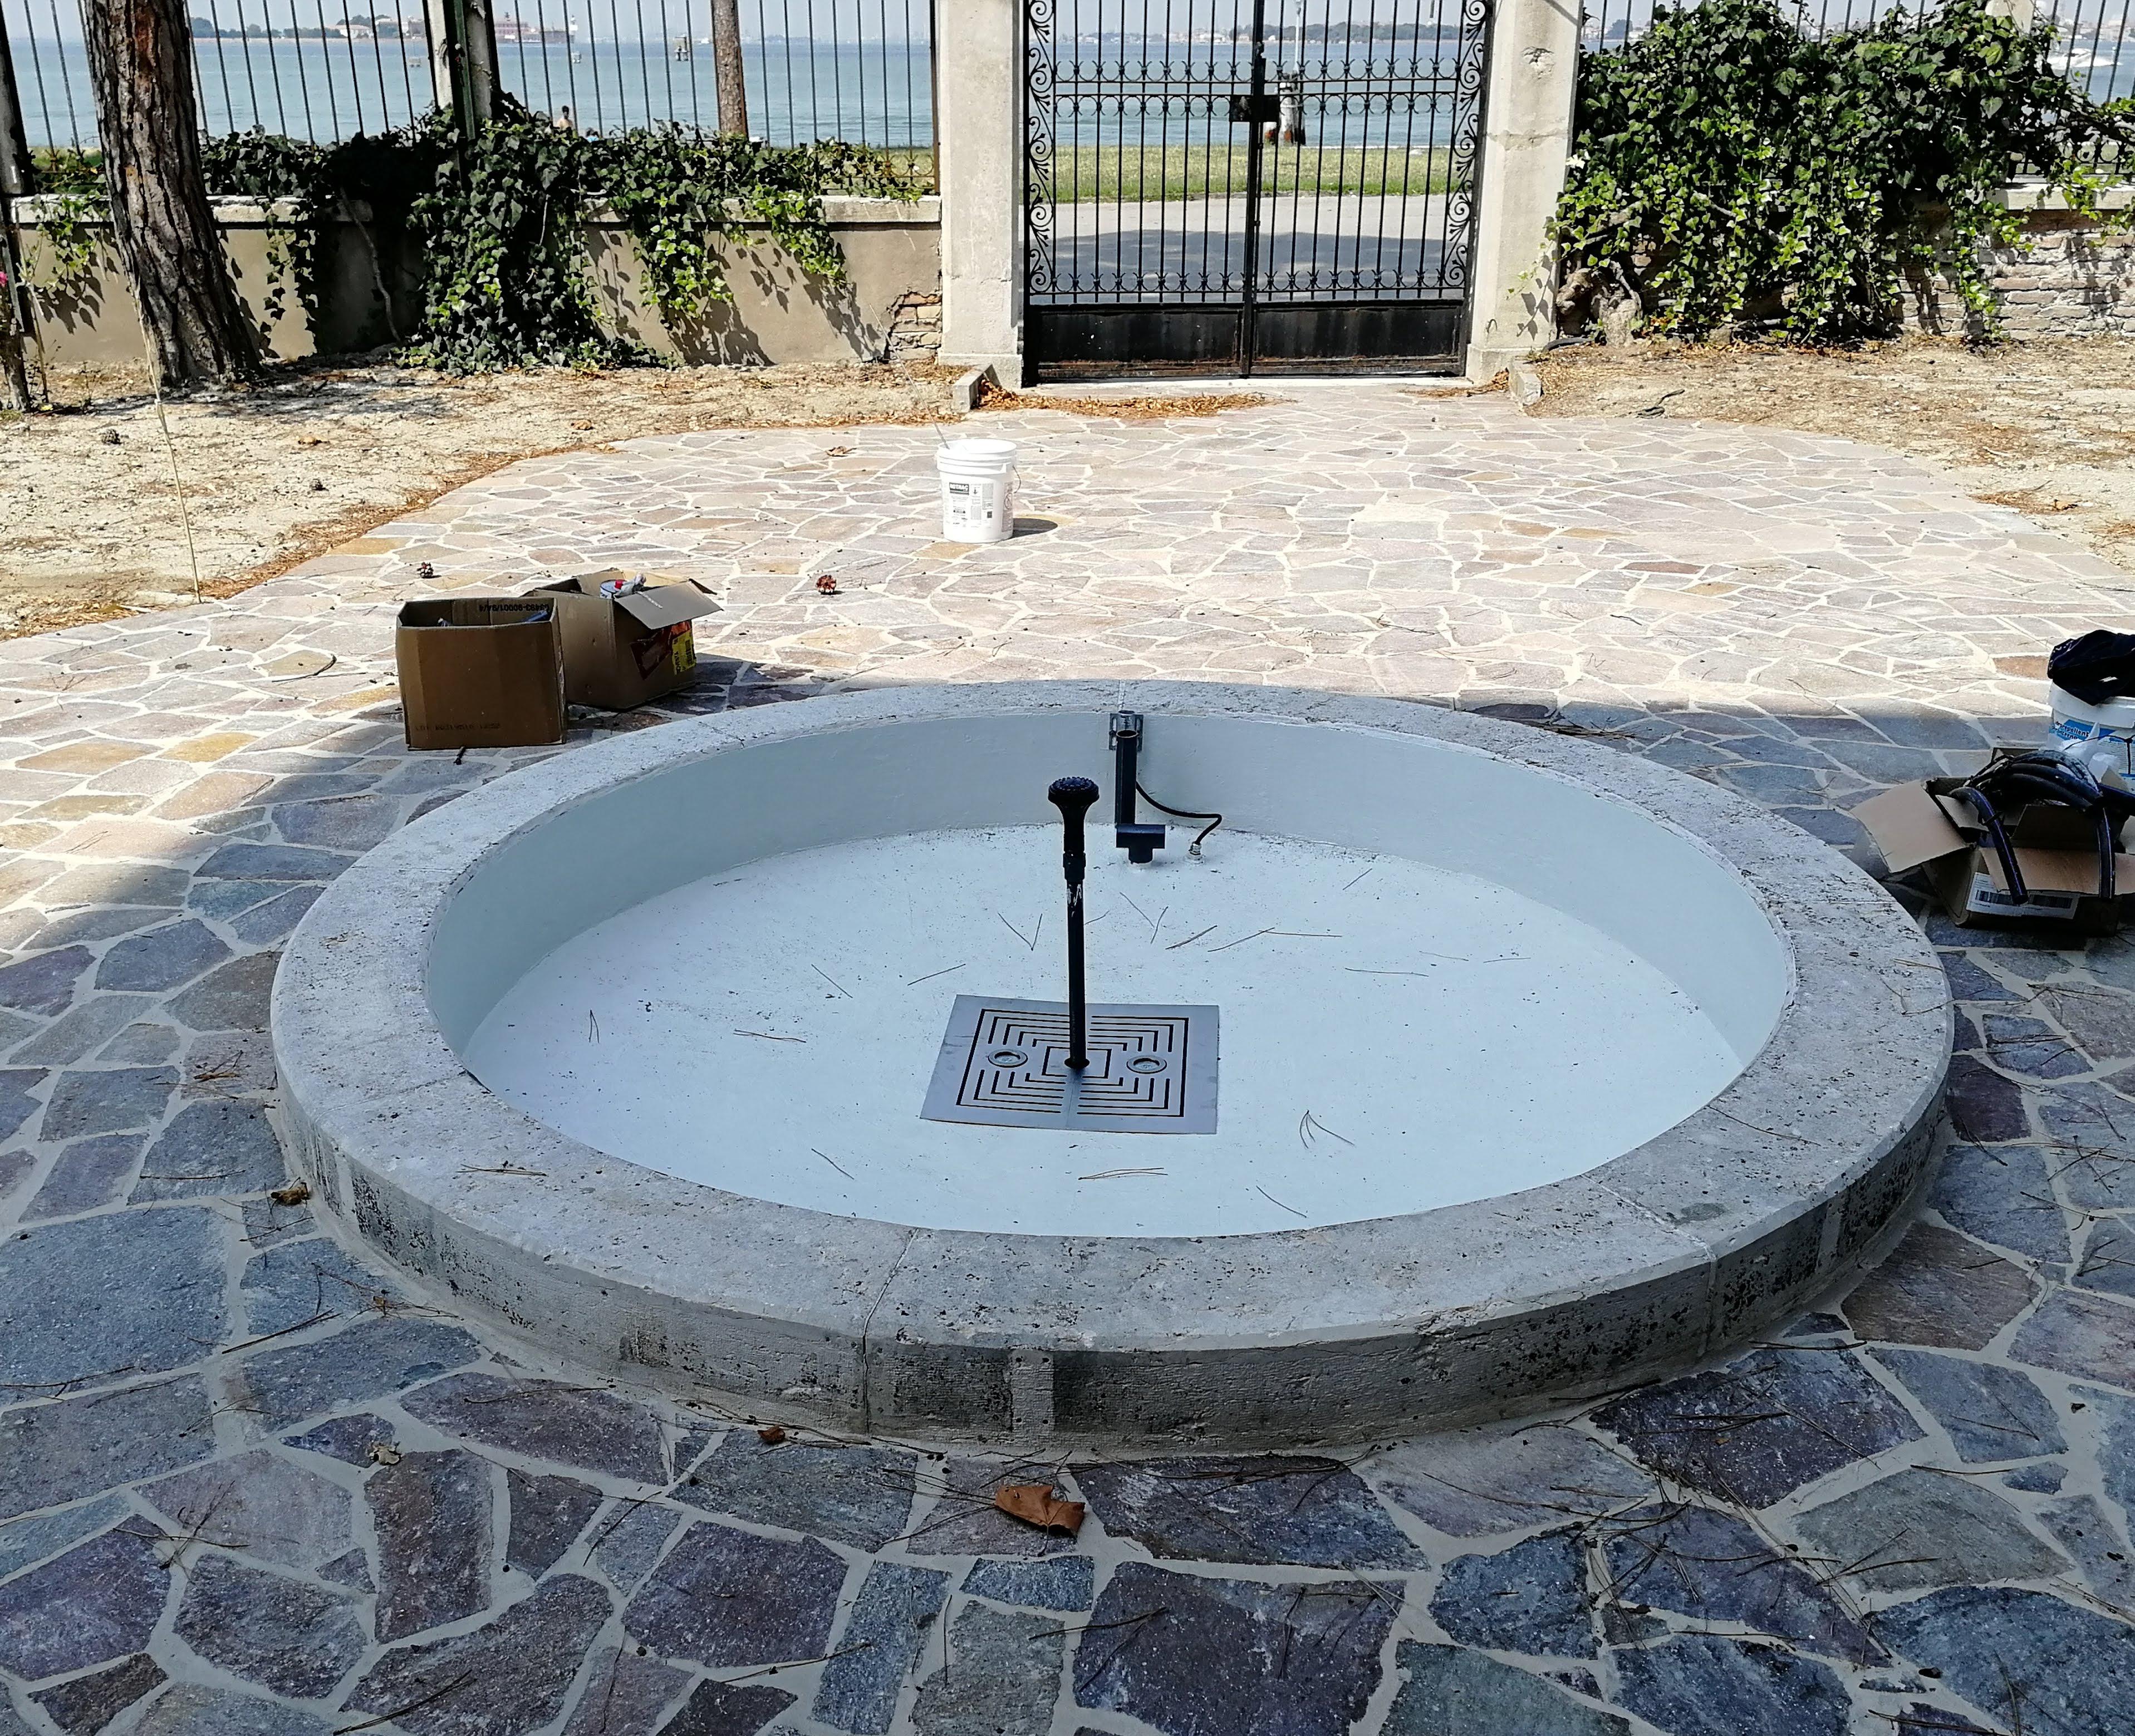 forme-dacqua_restauro-fontana-da-esterno_lido-di-venezia_2